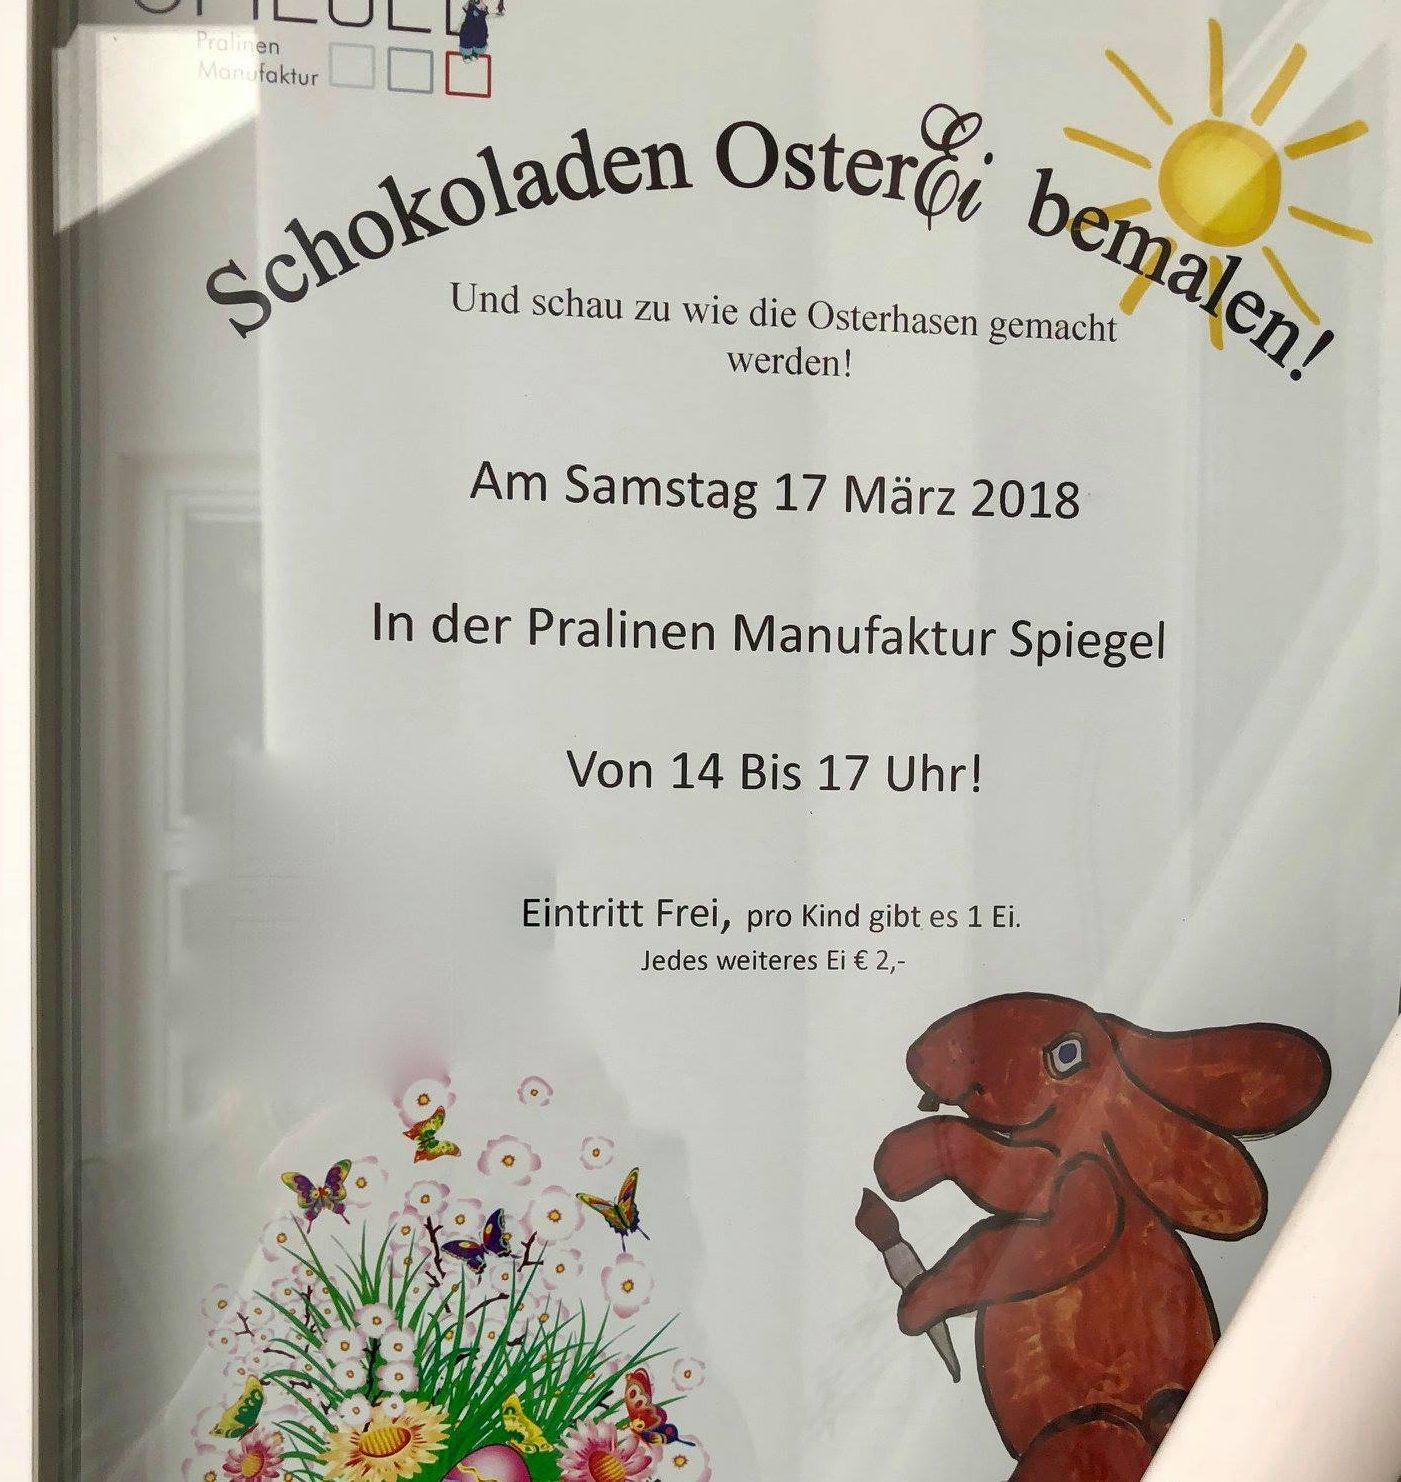 Ostereier bemalen in der pralinen manufaktur hello familiii - Spiegel bad tatzmannsdorf ...